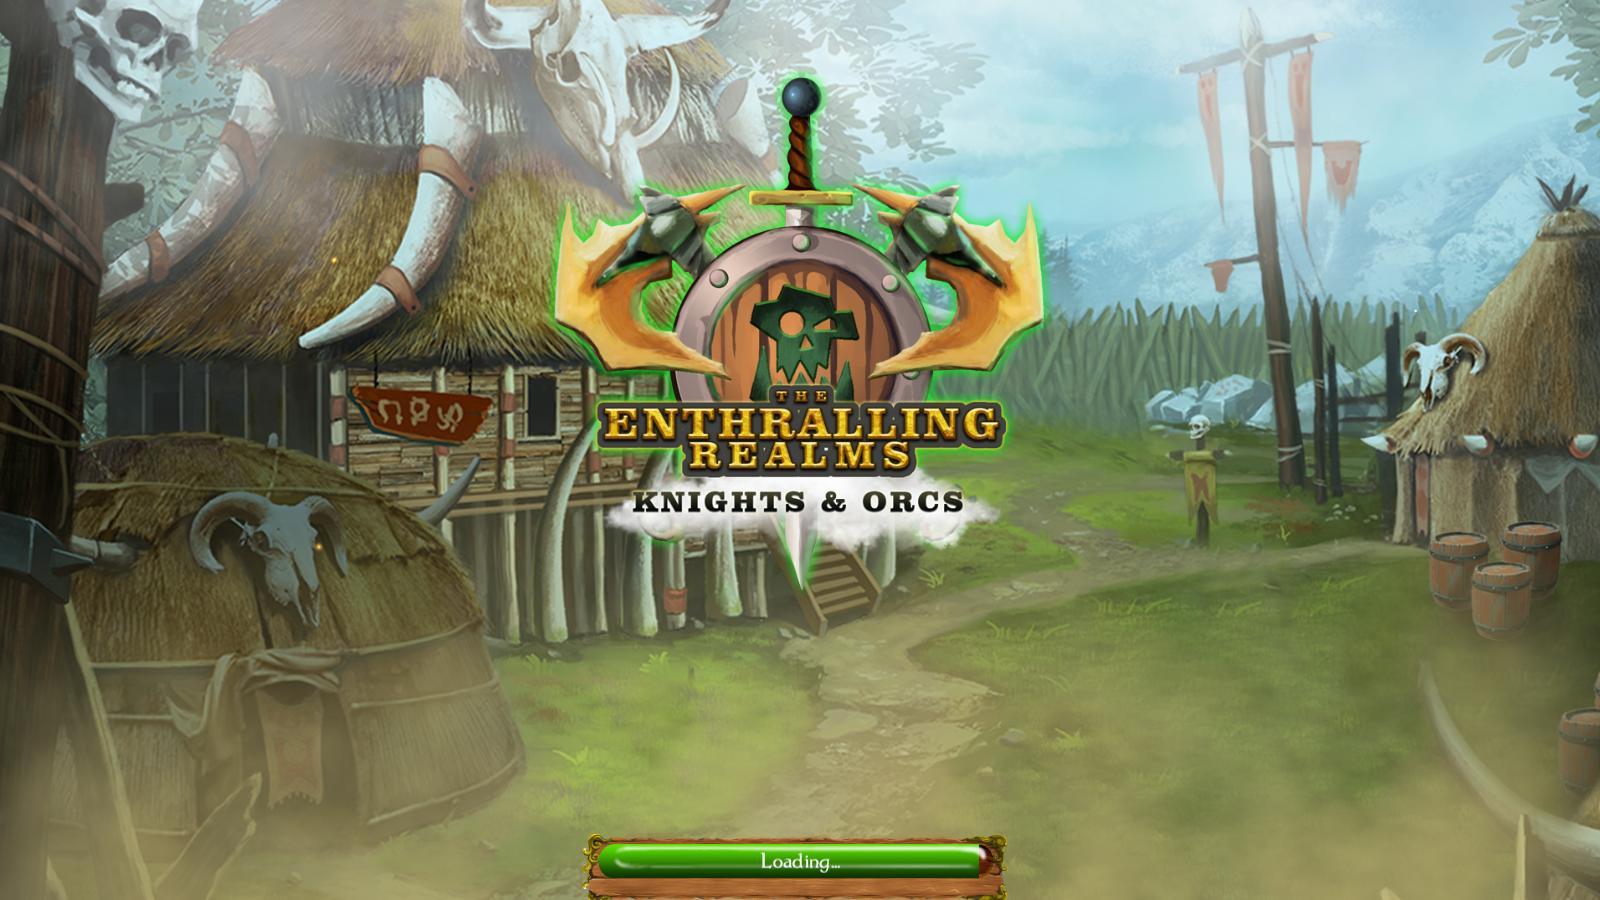 Захваченные Королевства 6: Рыцари и Орки | The Enthralling Realms 6: Knights & Orcs (En)